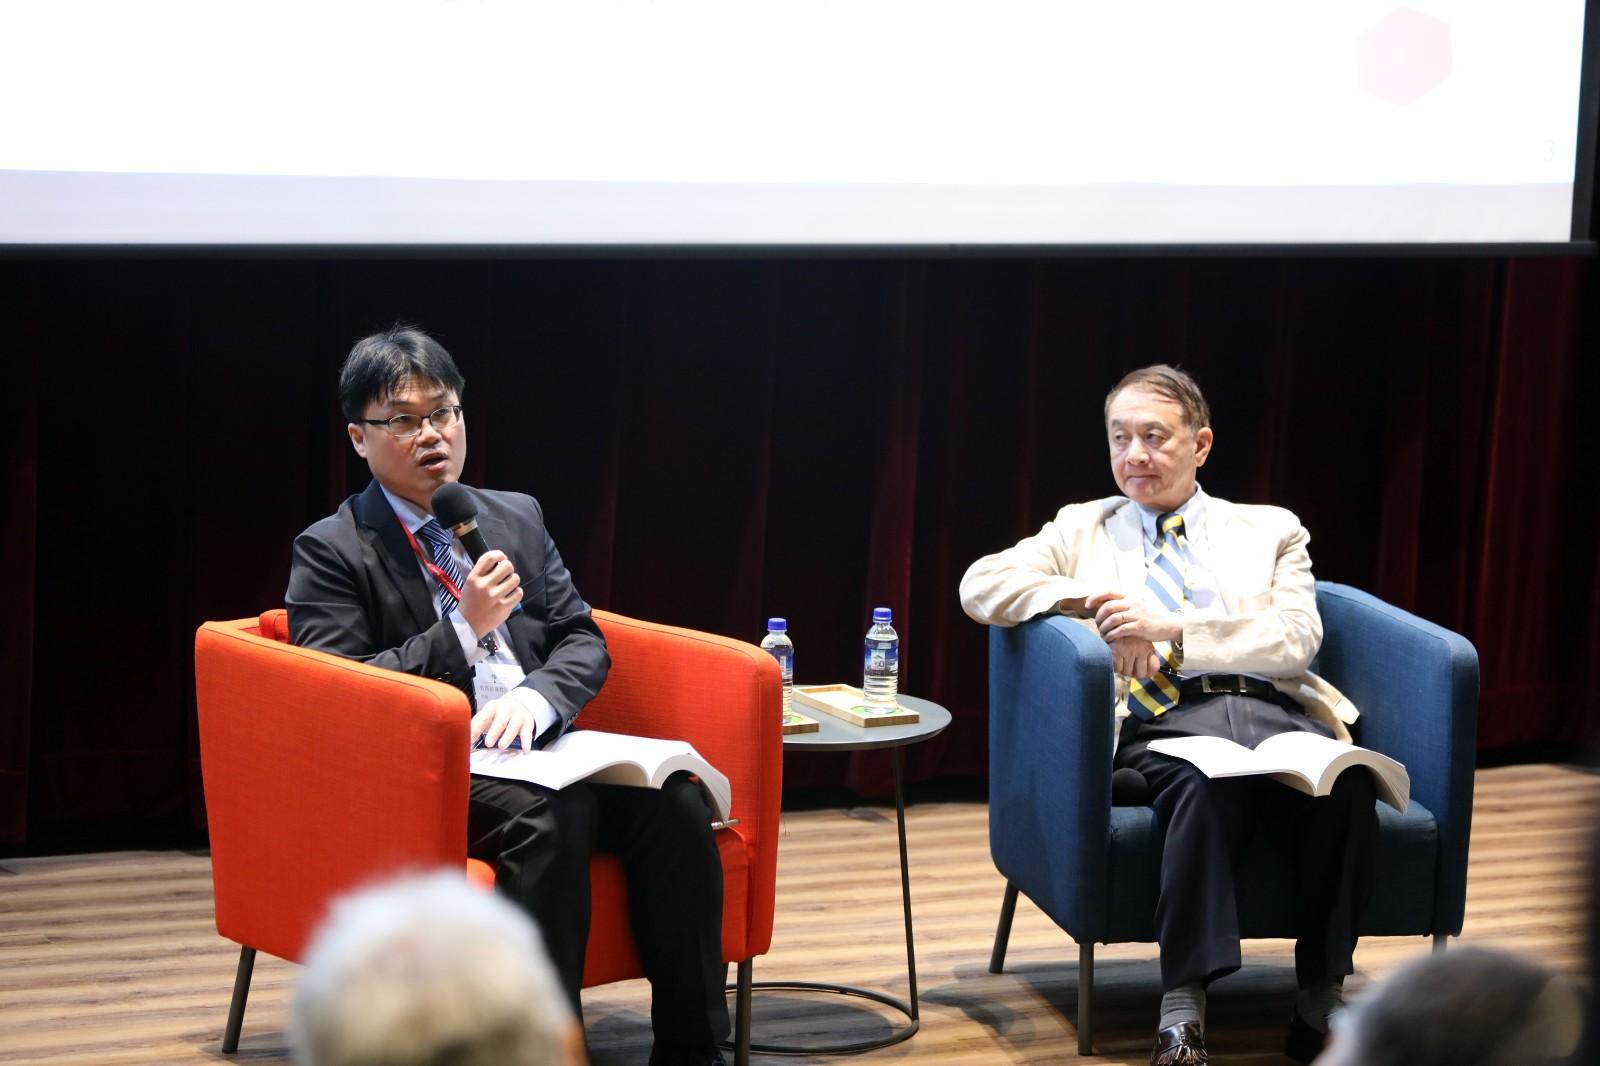 高教司司長朱俊彰及中原大學校長張光正主持提案討論暨綜合座談.JPG